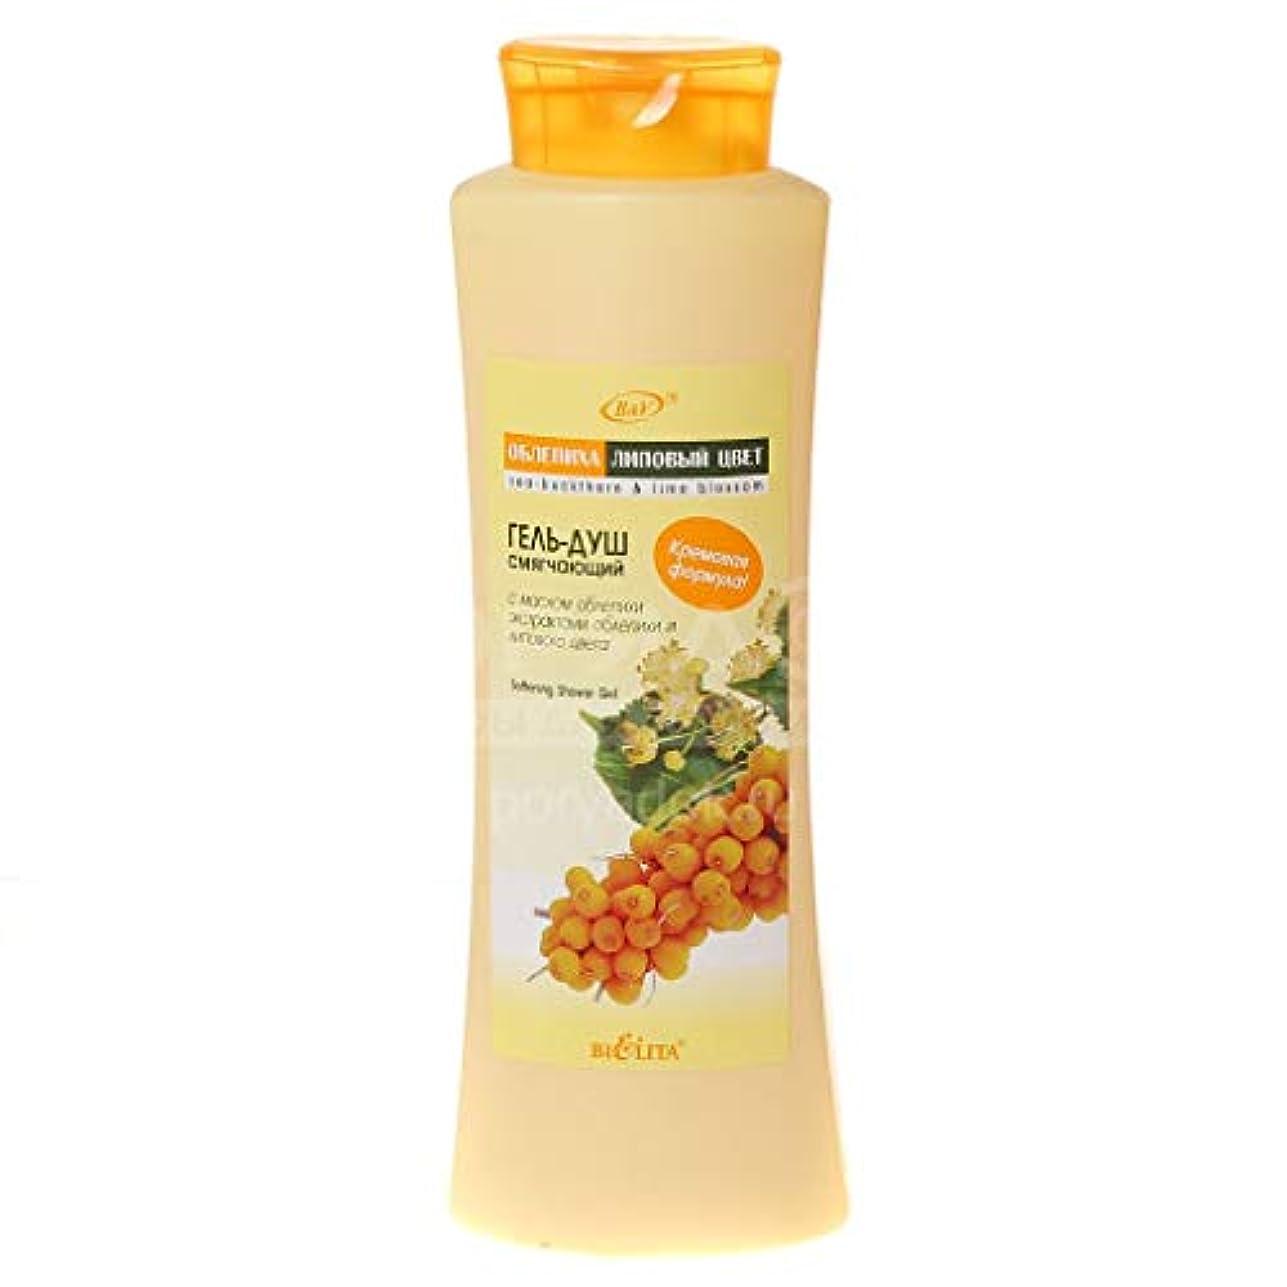 ボイコット悪化する蒸し器Bielita & Vitex Sea-Buckthorn Line | Shower Gel for Body Wash & Care, 500 ml | Sea-Buckthorn Oil, Lime Blossom Oil, Vitamin E